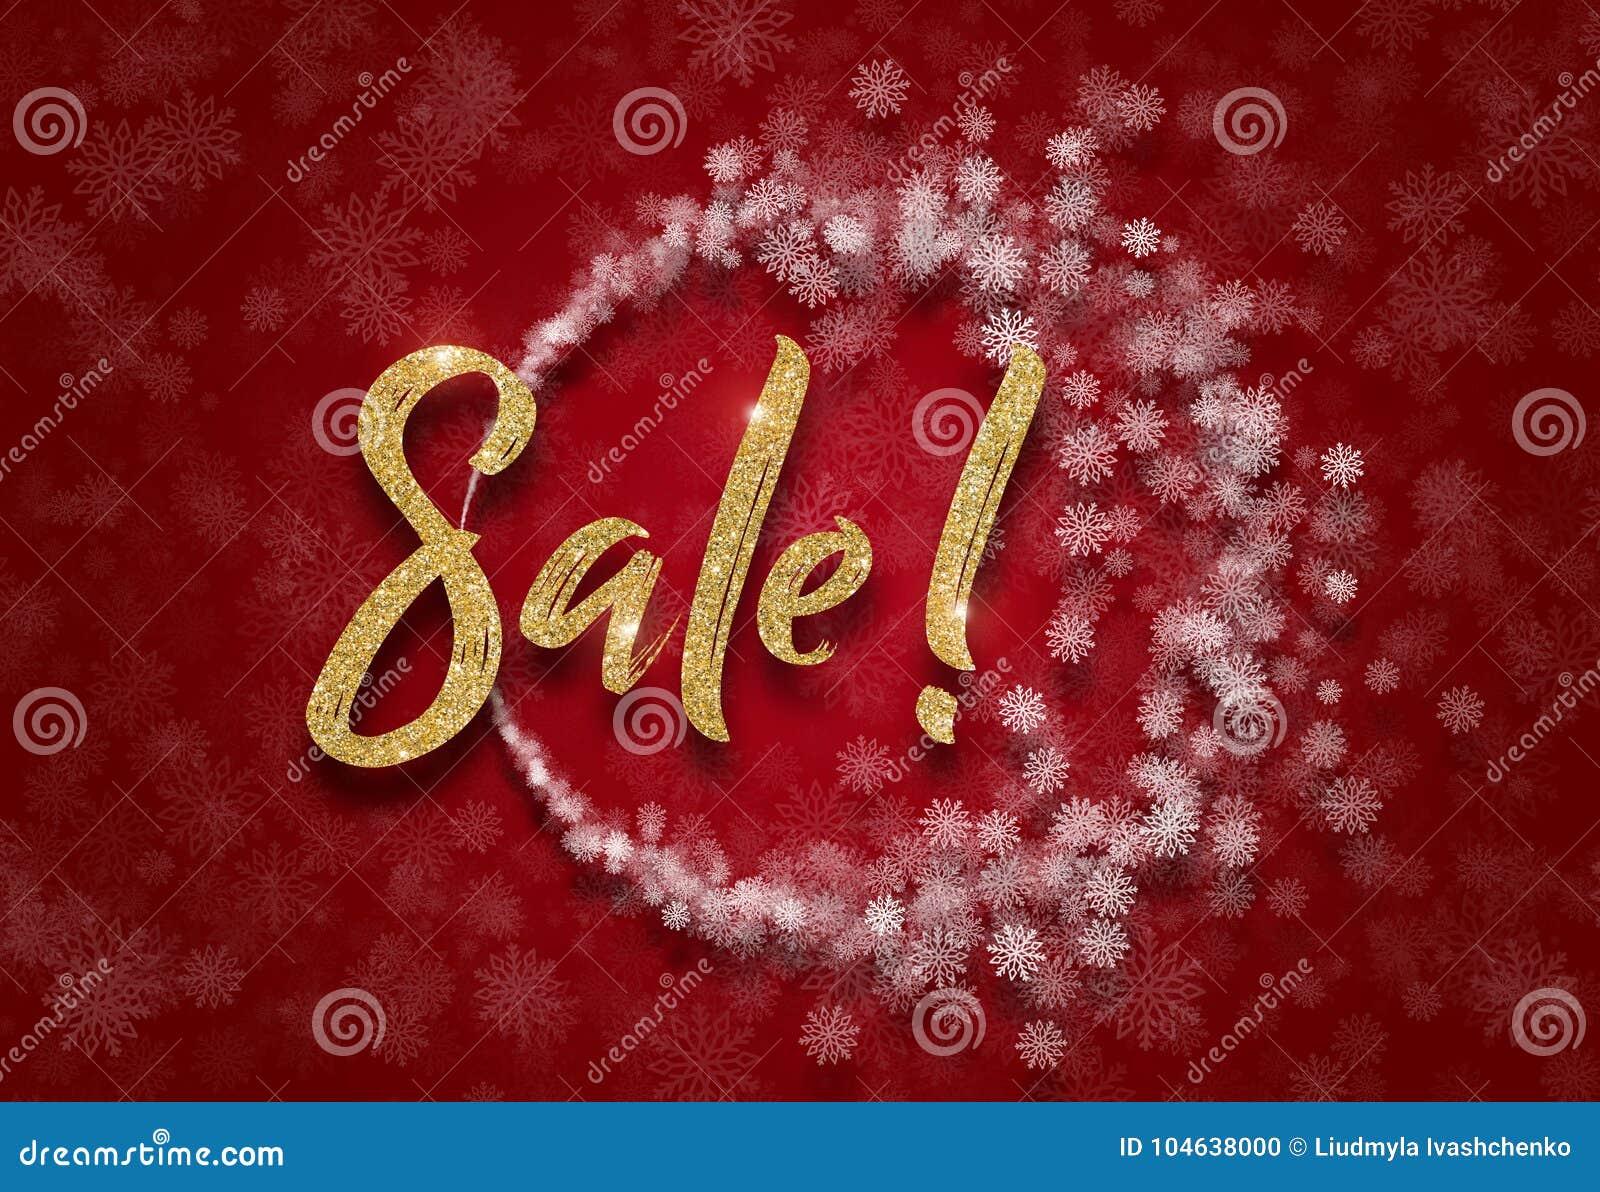 Download Rond Kerstmiskader Van Witte Sneeuwvlokken Op Een Rode Achtergrond Schitter Verkoopteken Stock Illustratie - Illustratie bestaande uit folie, vier: 104638000